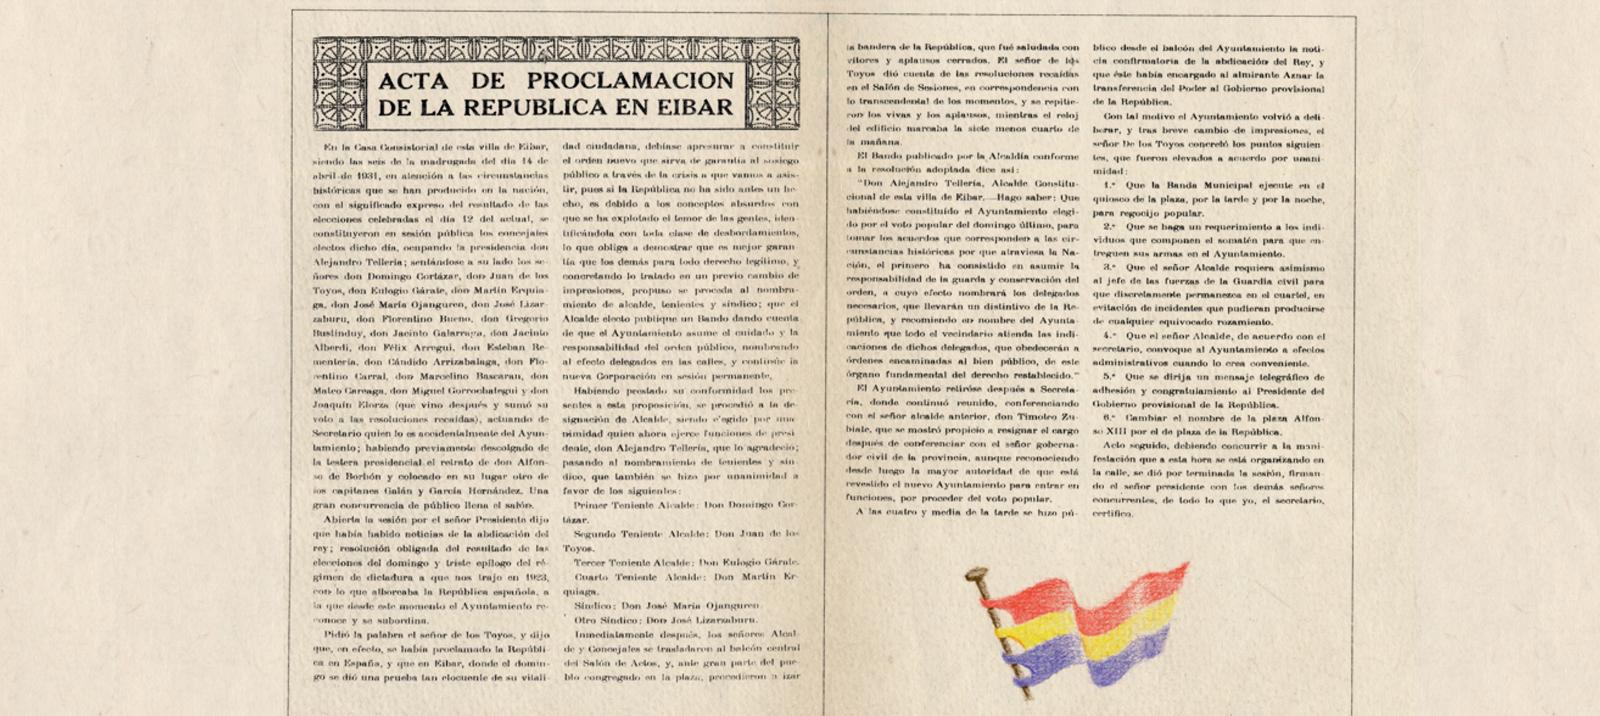 Acta de proclamación de la II. República en Eibar